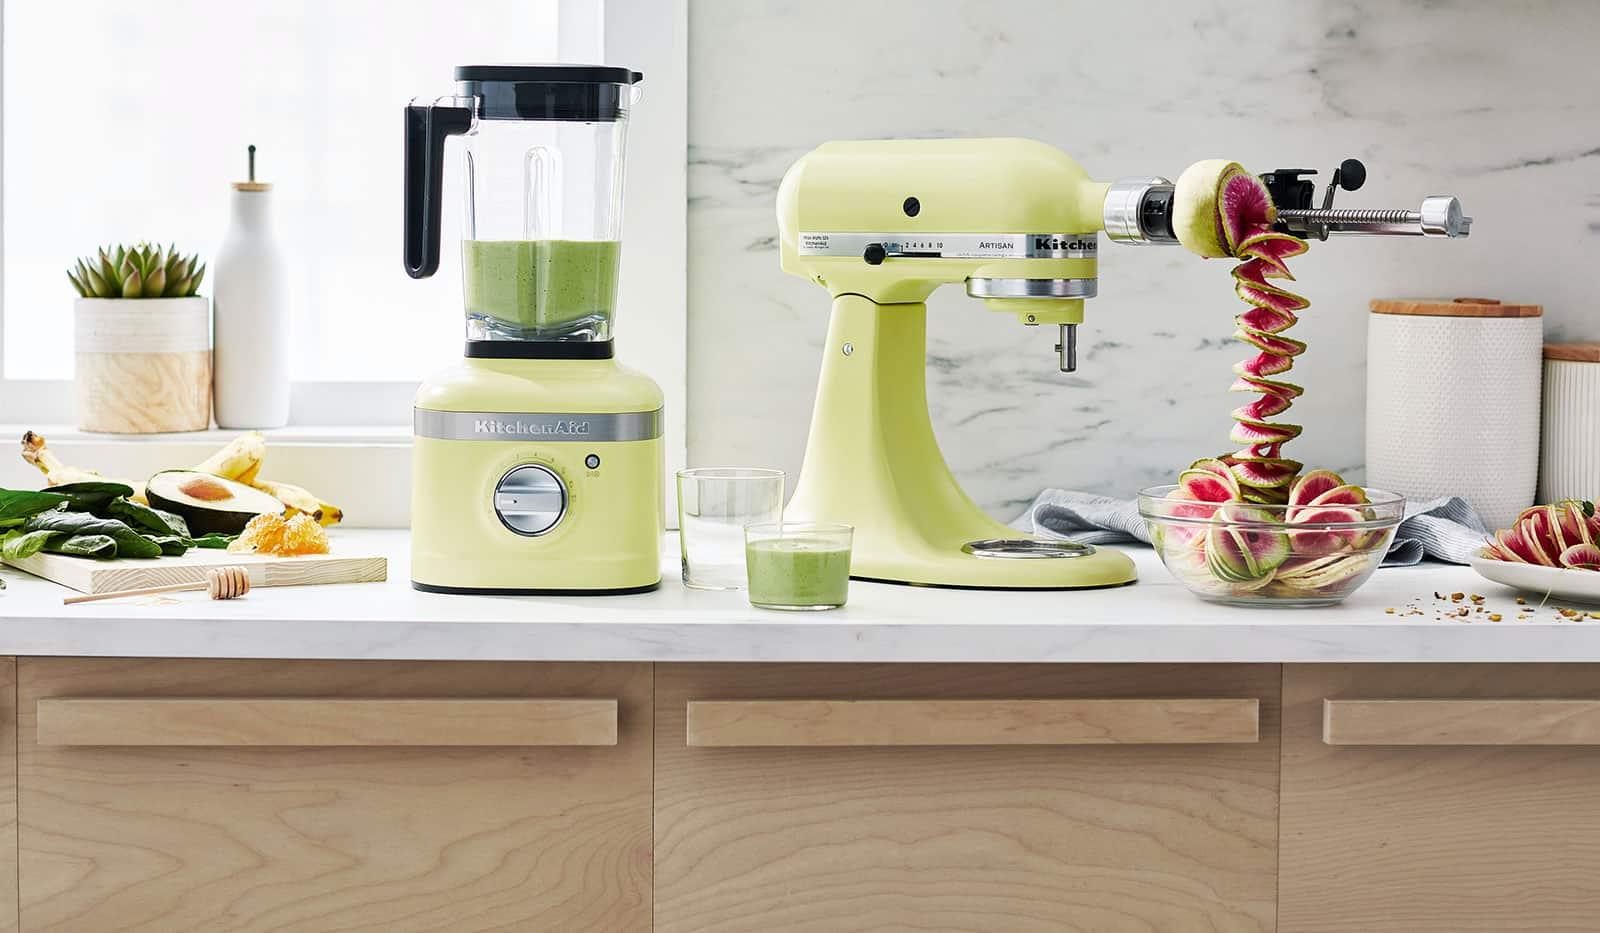 KitchenAid Standmixer und Küchenmaschine in Küche